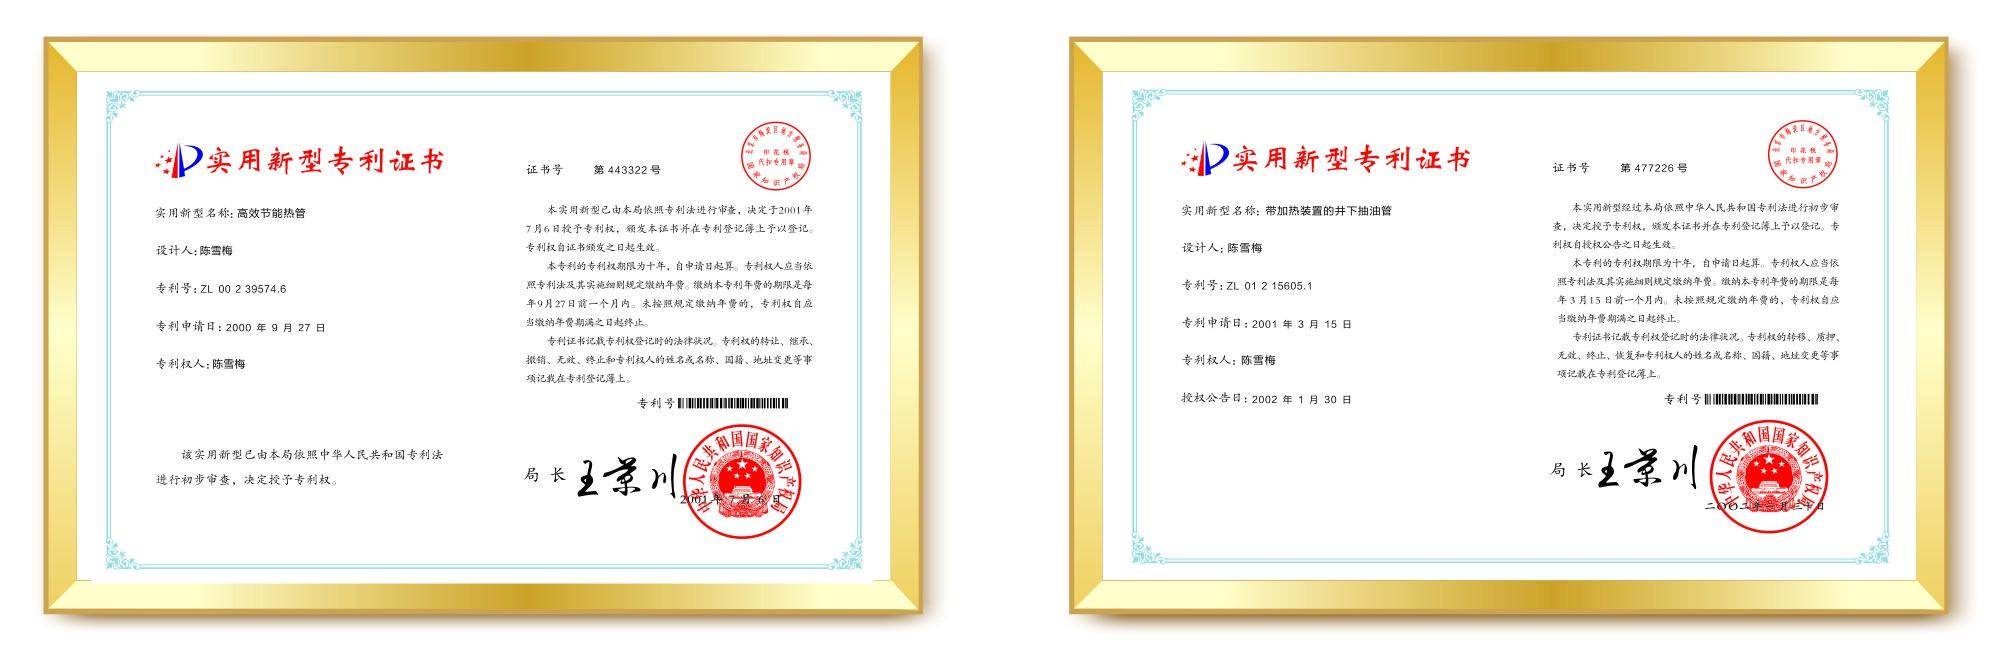 使用新型地暖专利证书